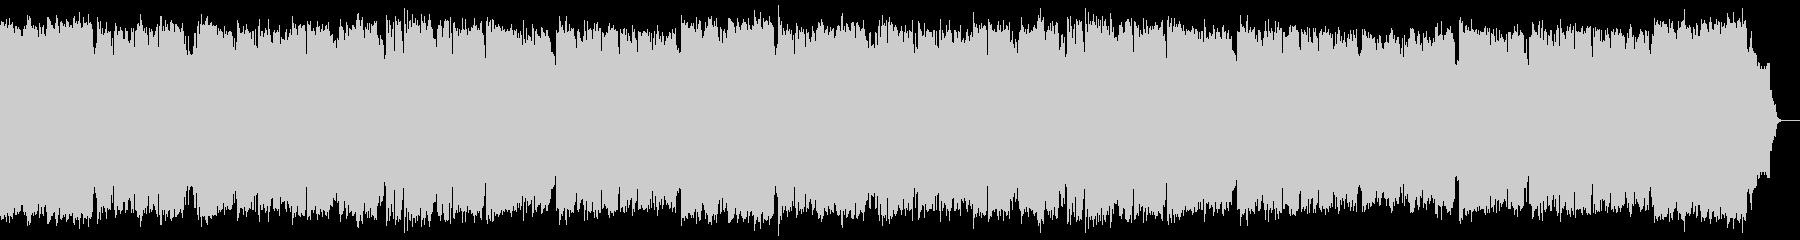 ゆったり大らかな旋律をSAXが語り掛けるの未再生の波形